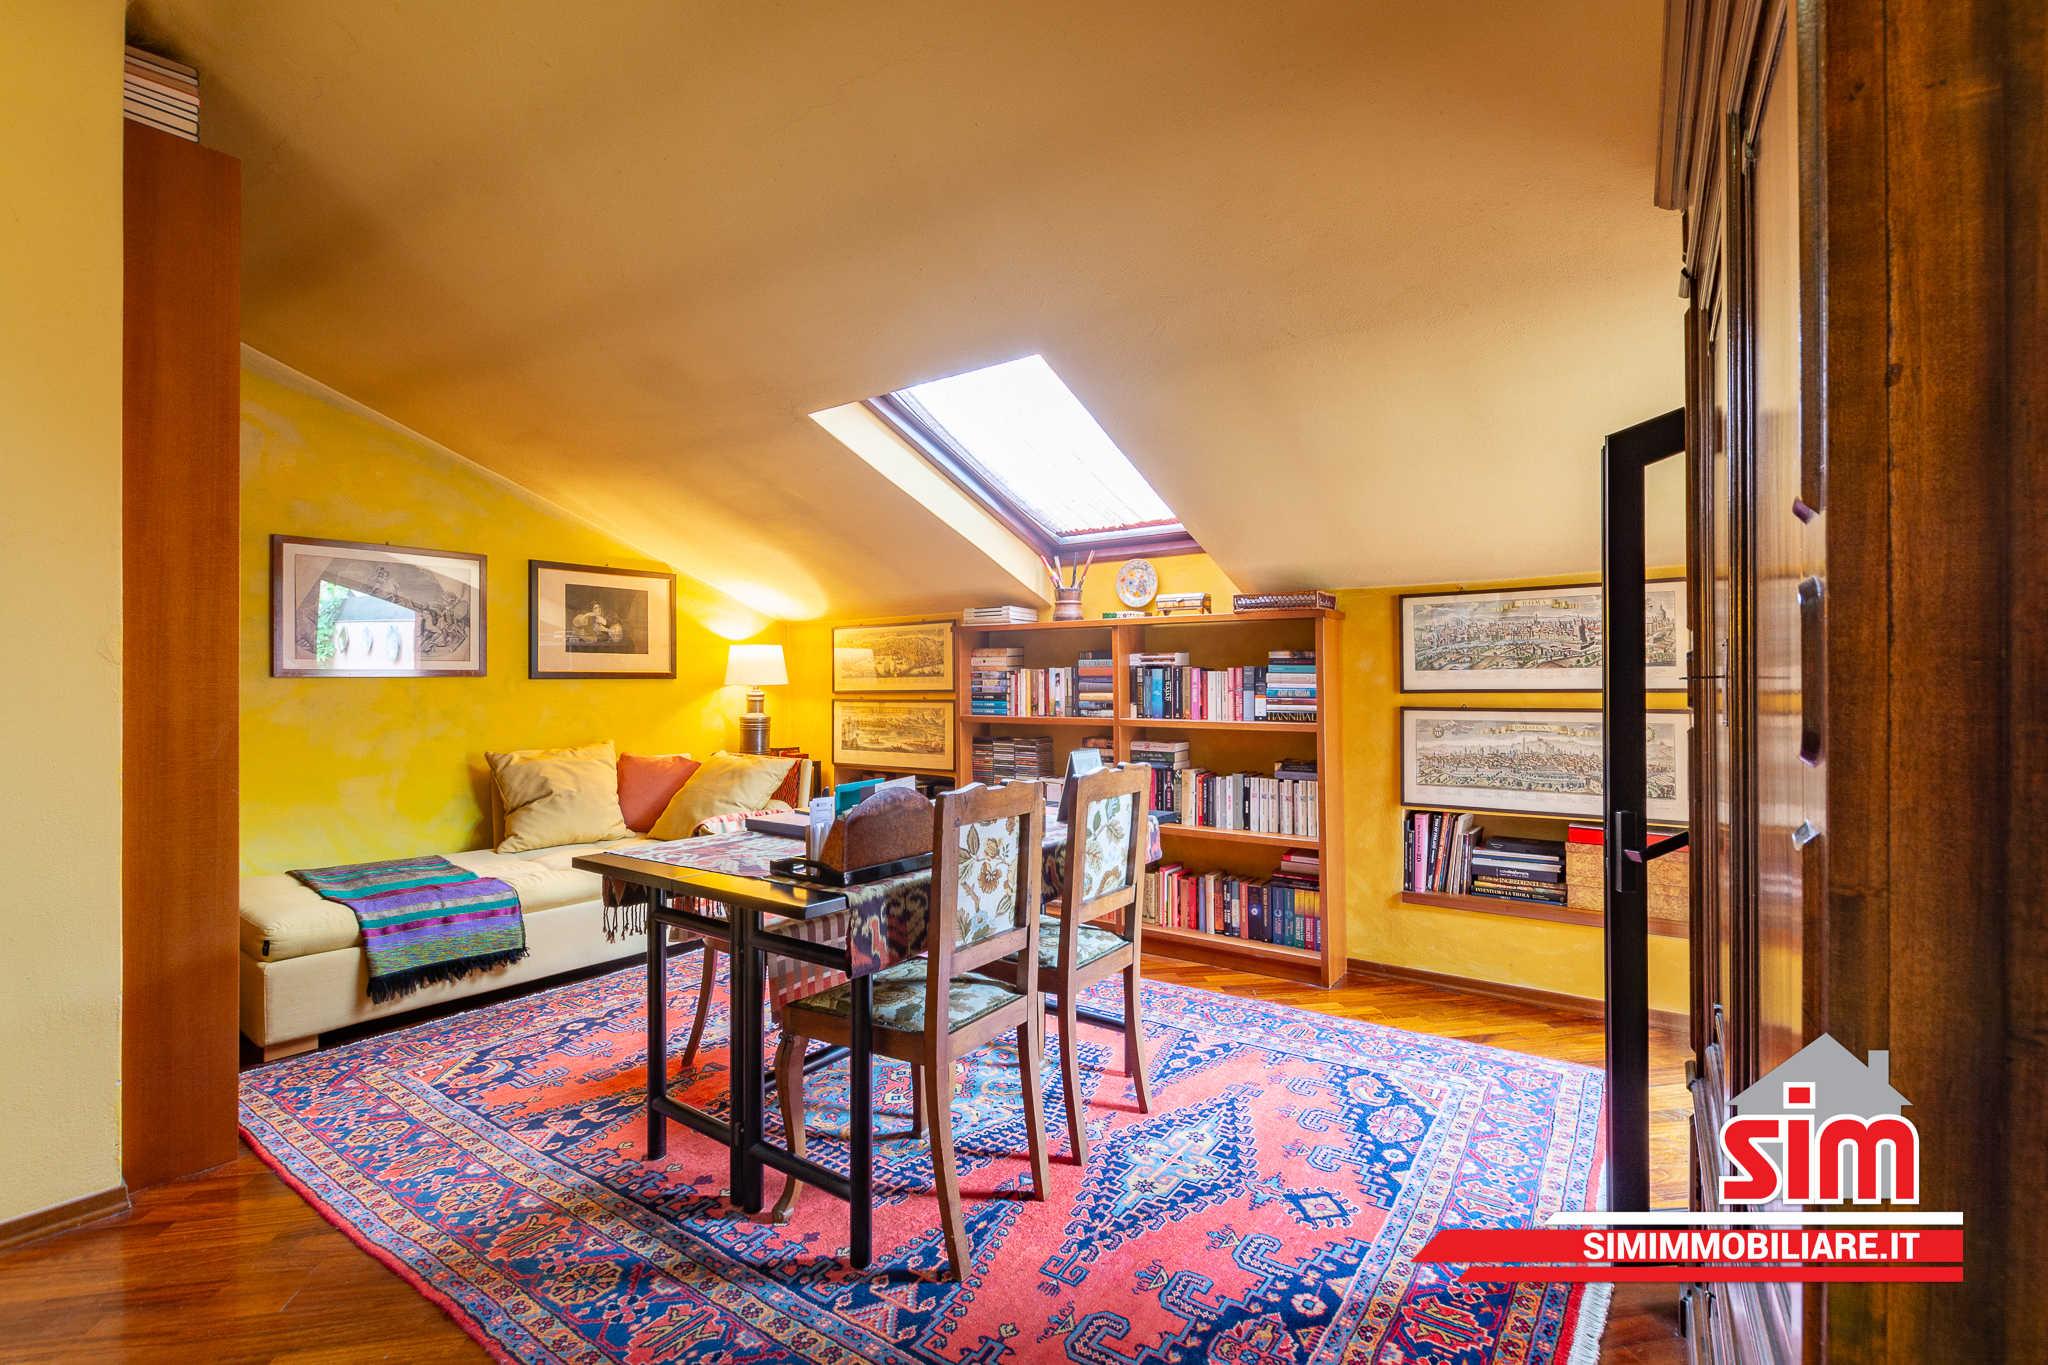 Spese acquisto casa best mutuoup il mutuo che si adatta alle tue esigenze per lacquisto della - Spese notarili acquisto prima casa detraibili ...